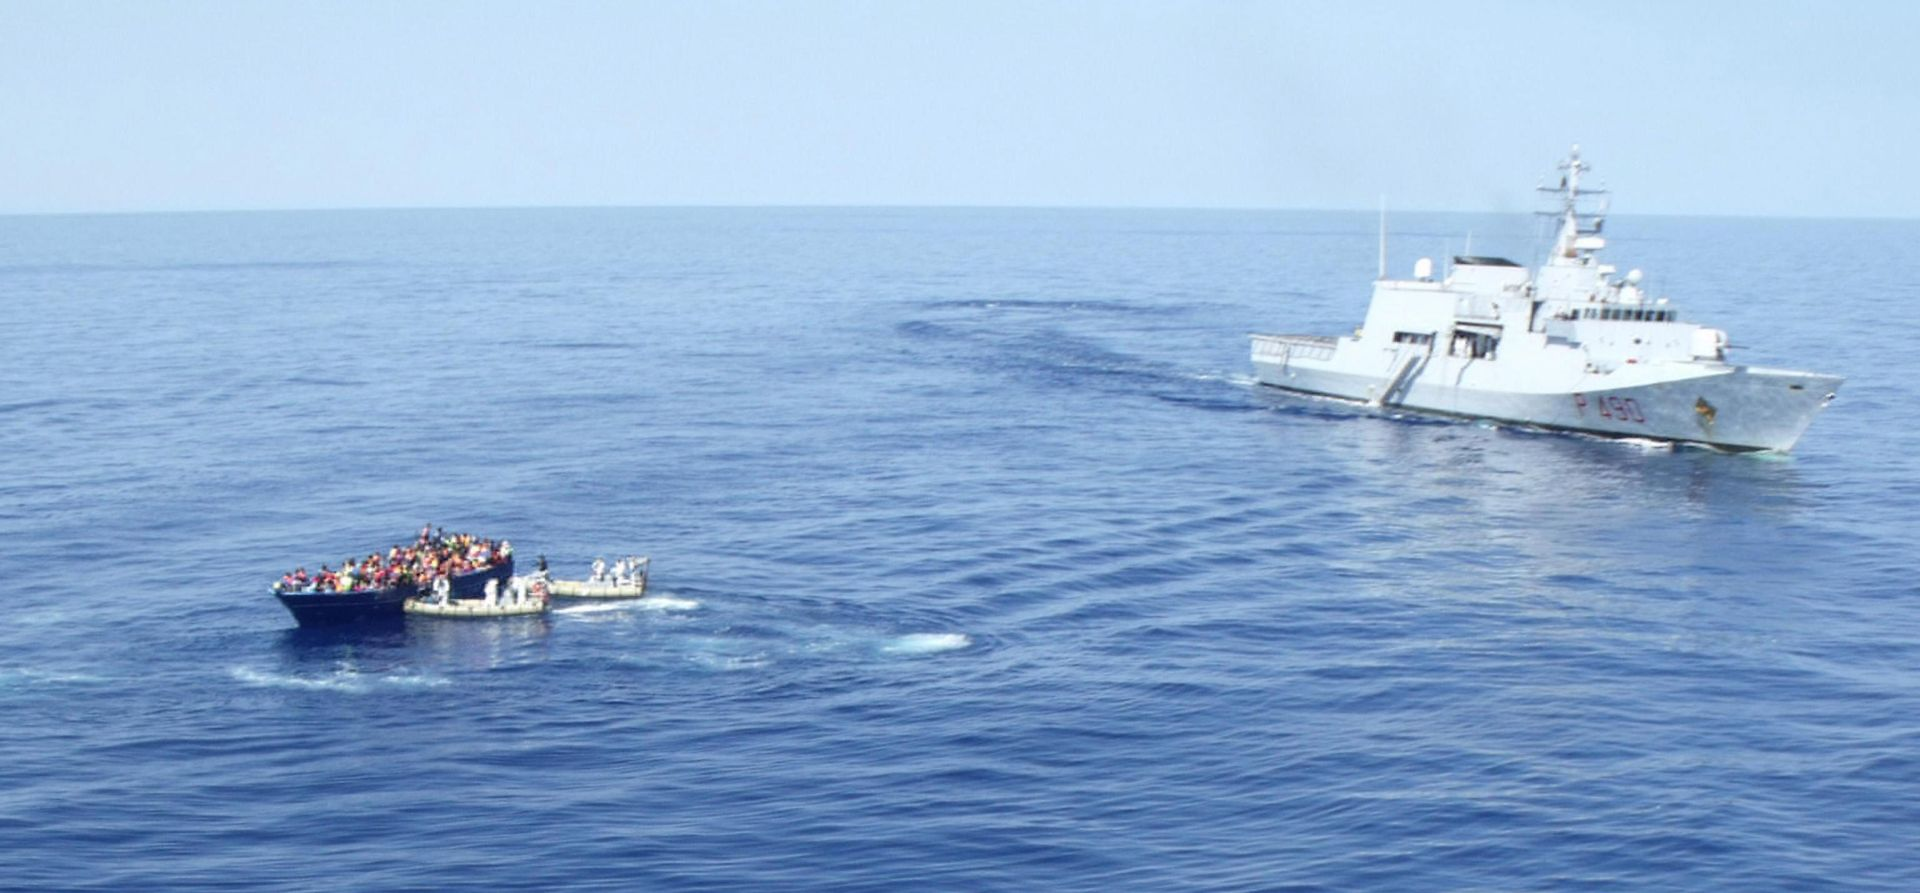 Talijani spasili 3000 migranata na Sredozemnom moru